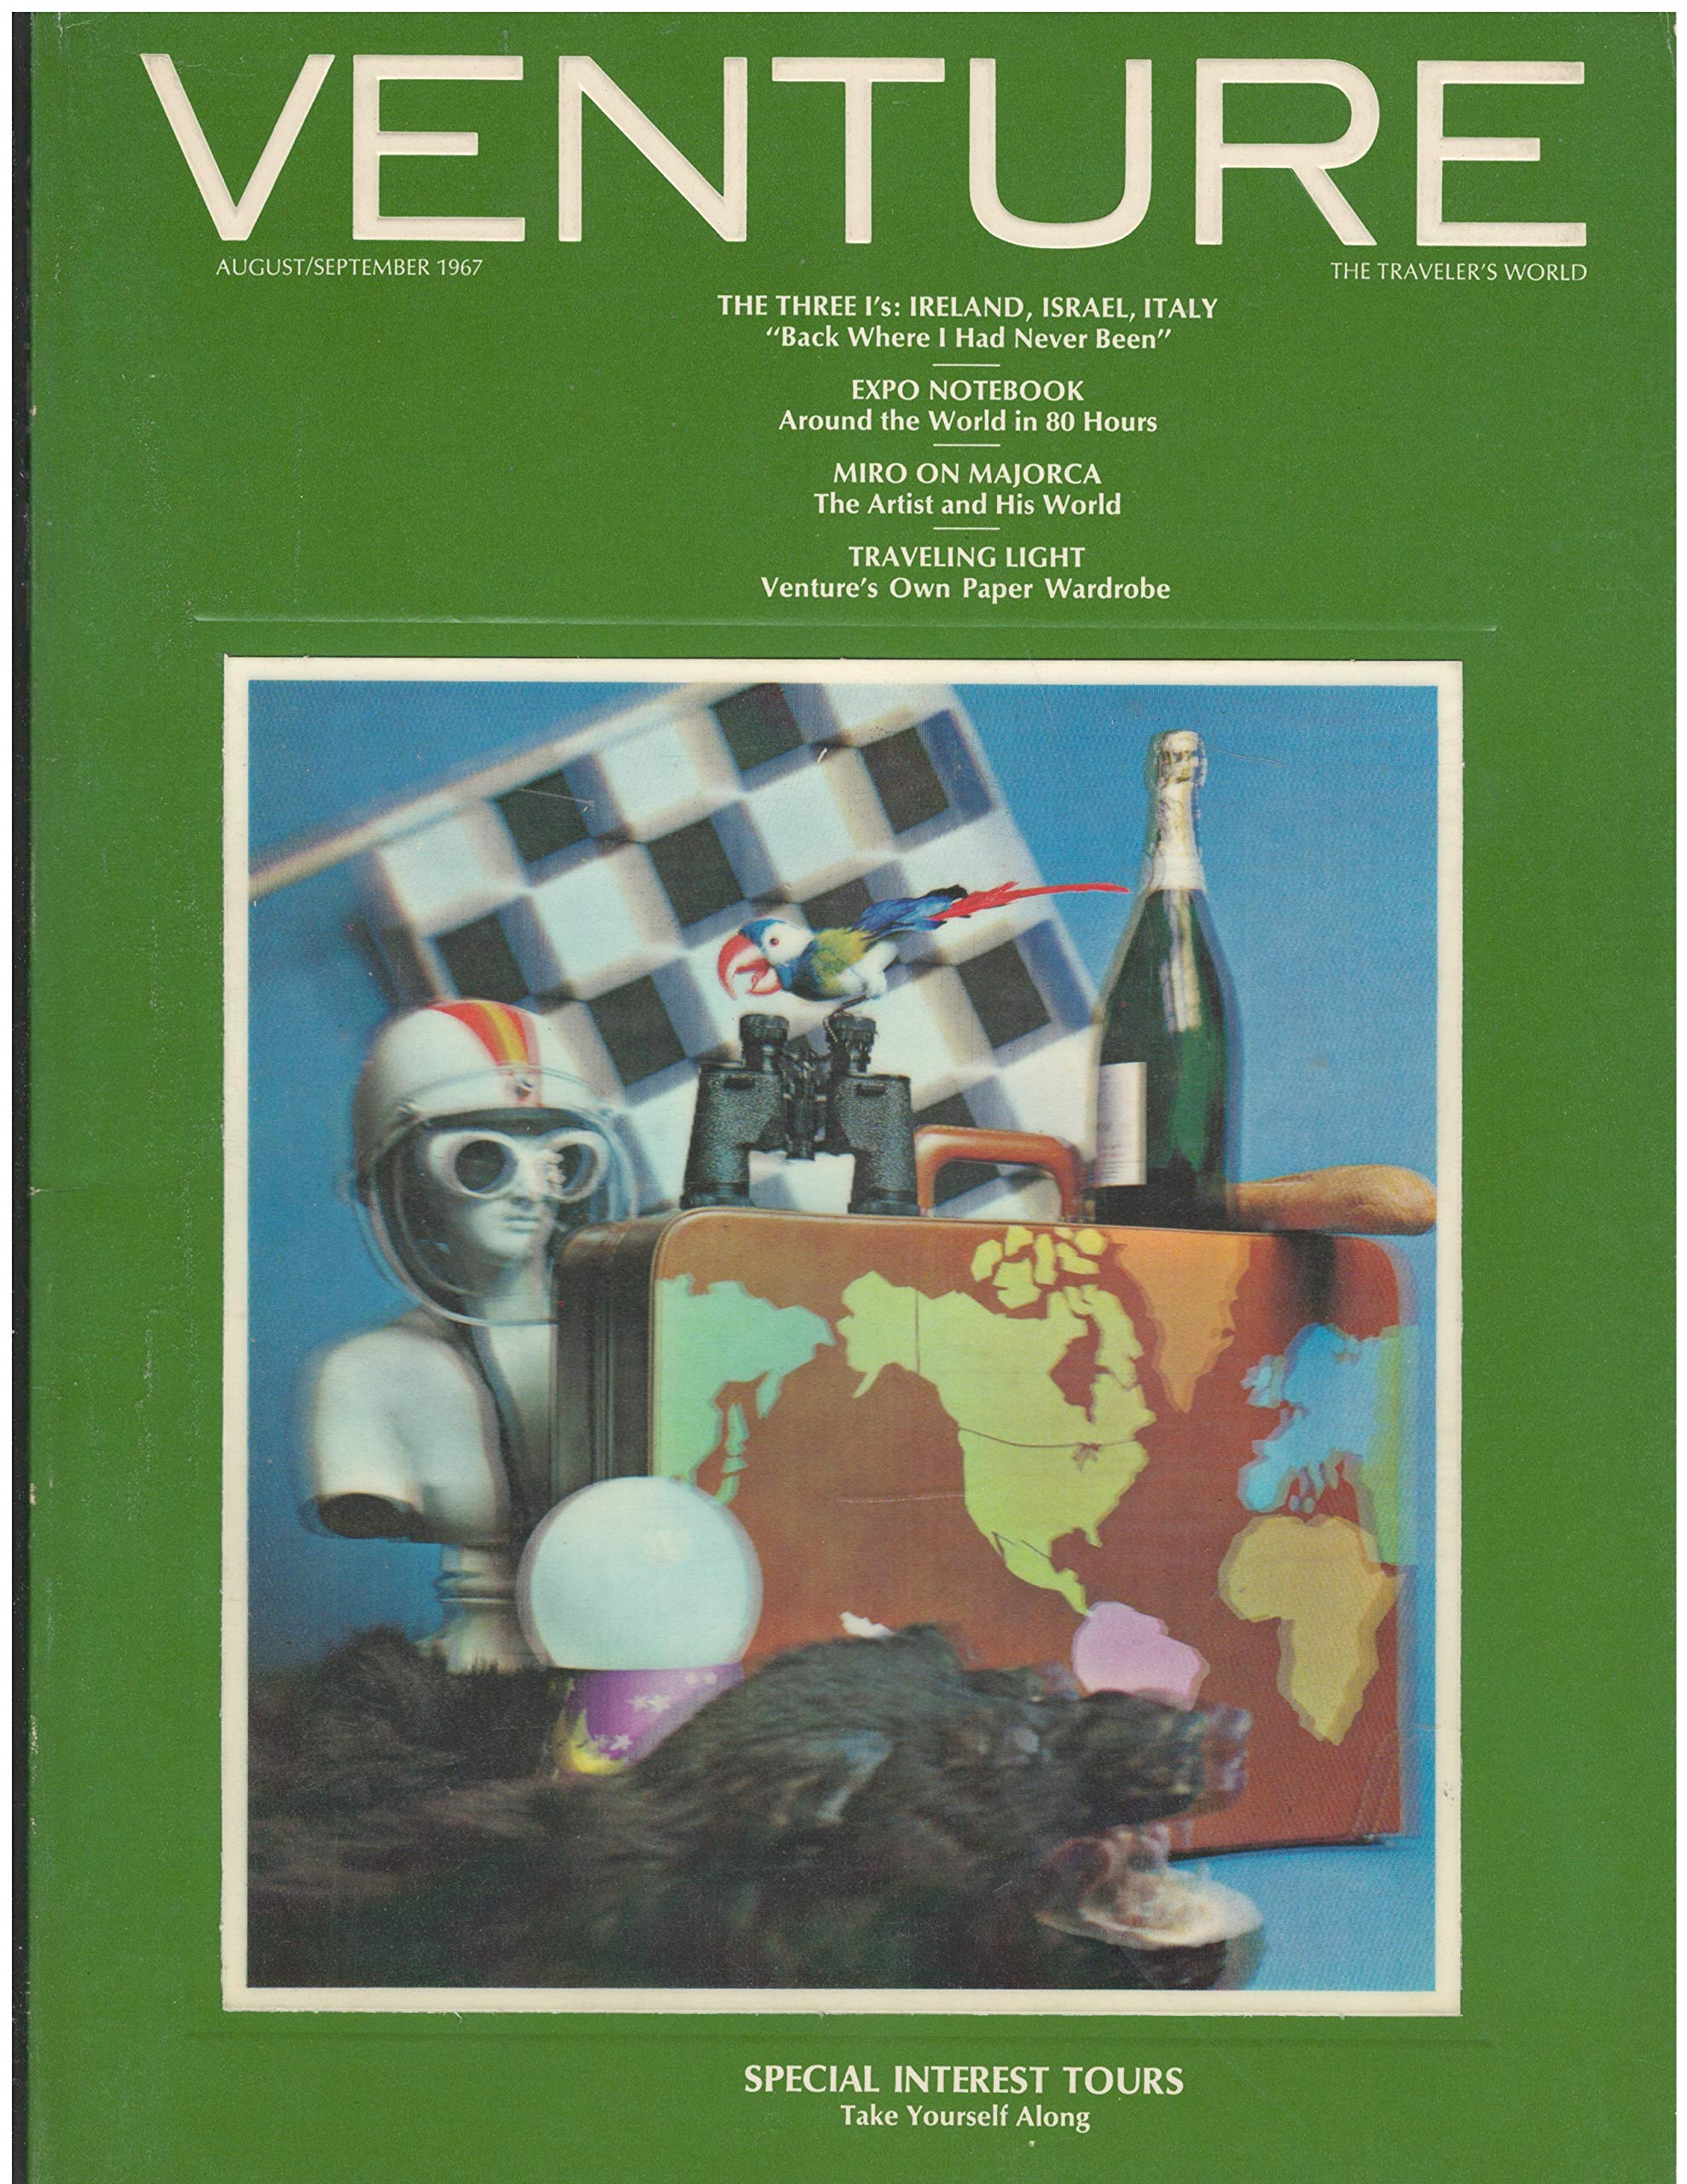 Venture Magazine Aug/Sept 1967 lenticular cover image